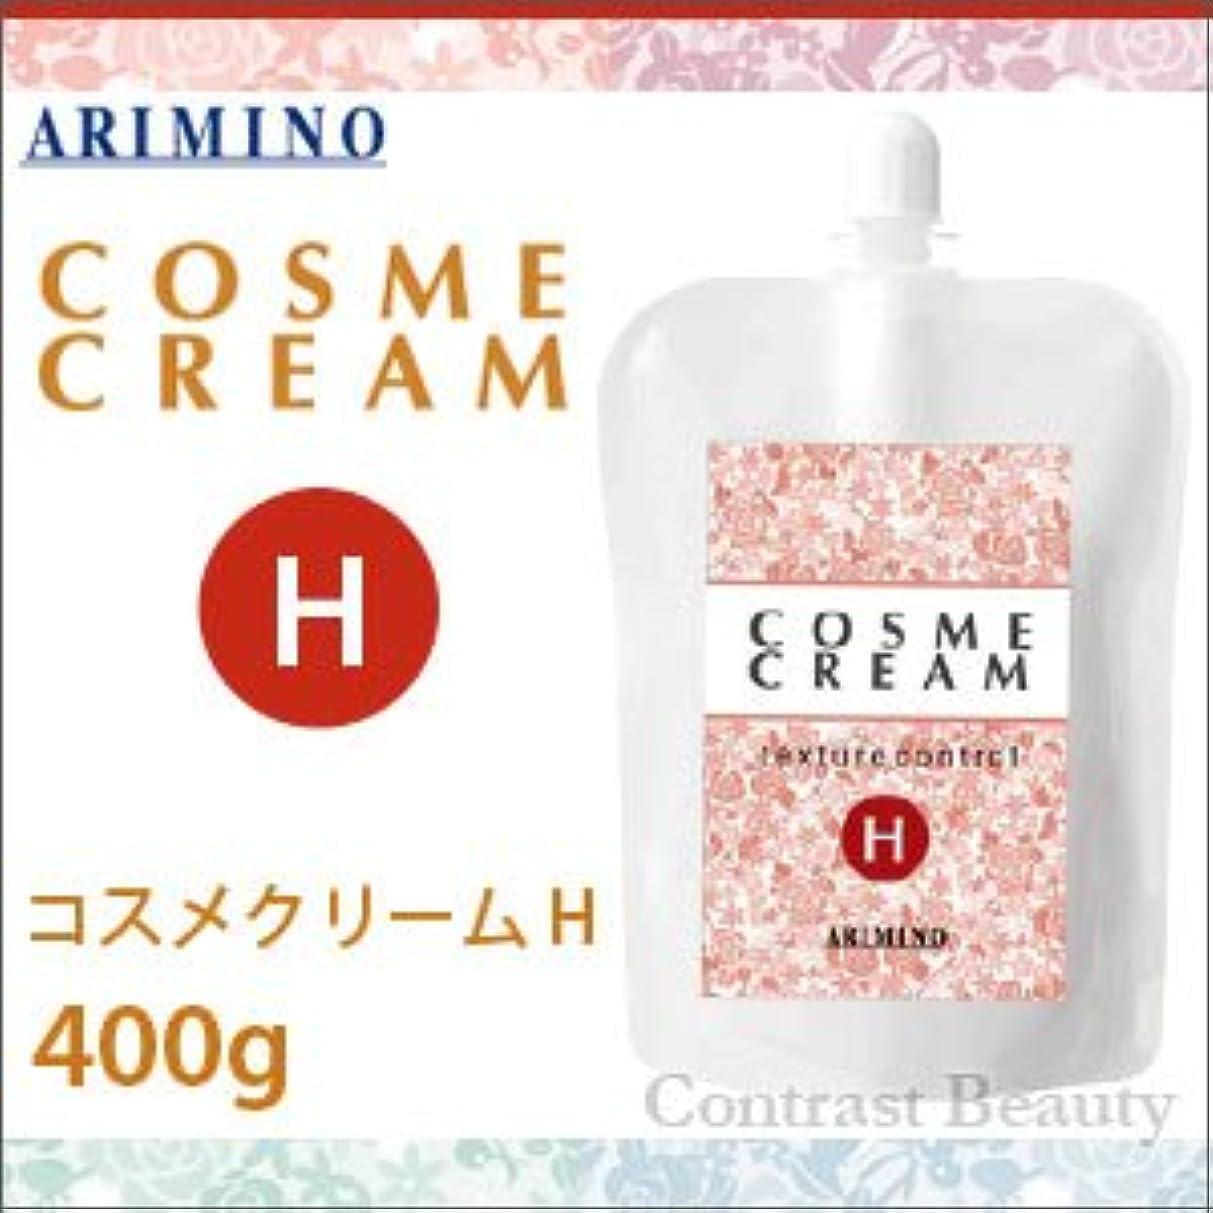 ネックレットいま保険【X3個セット】 アリミノ コスメクリーム H 400g